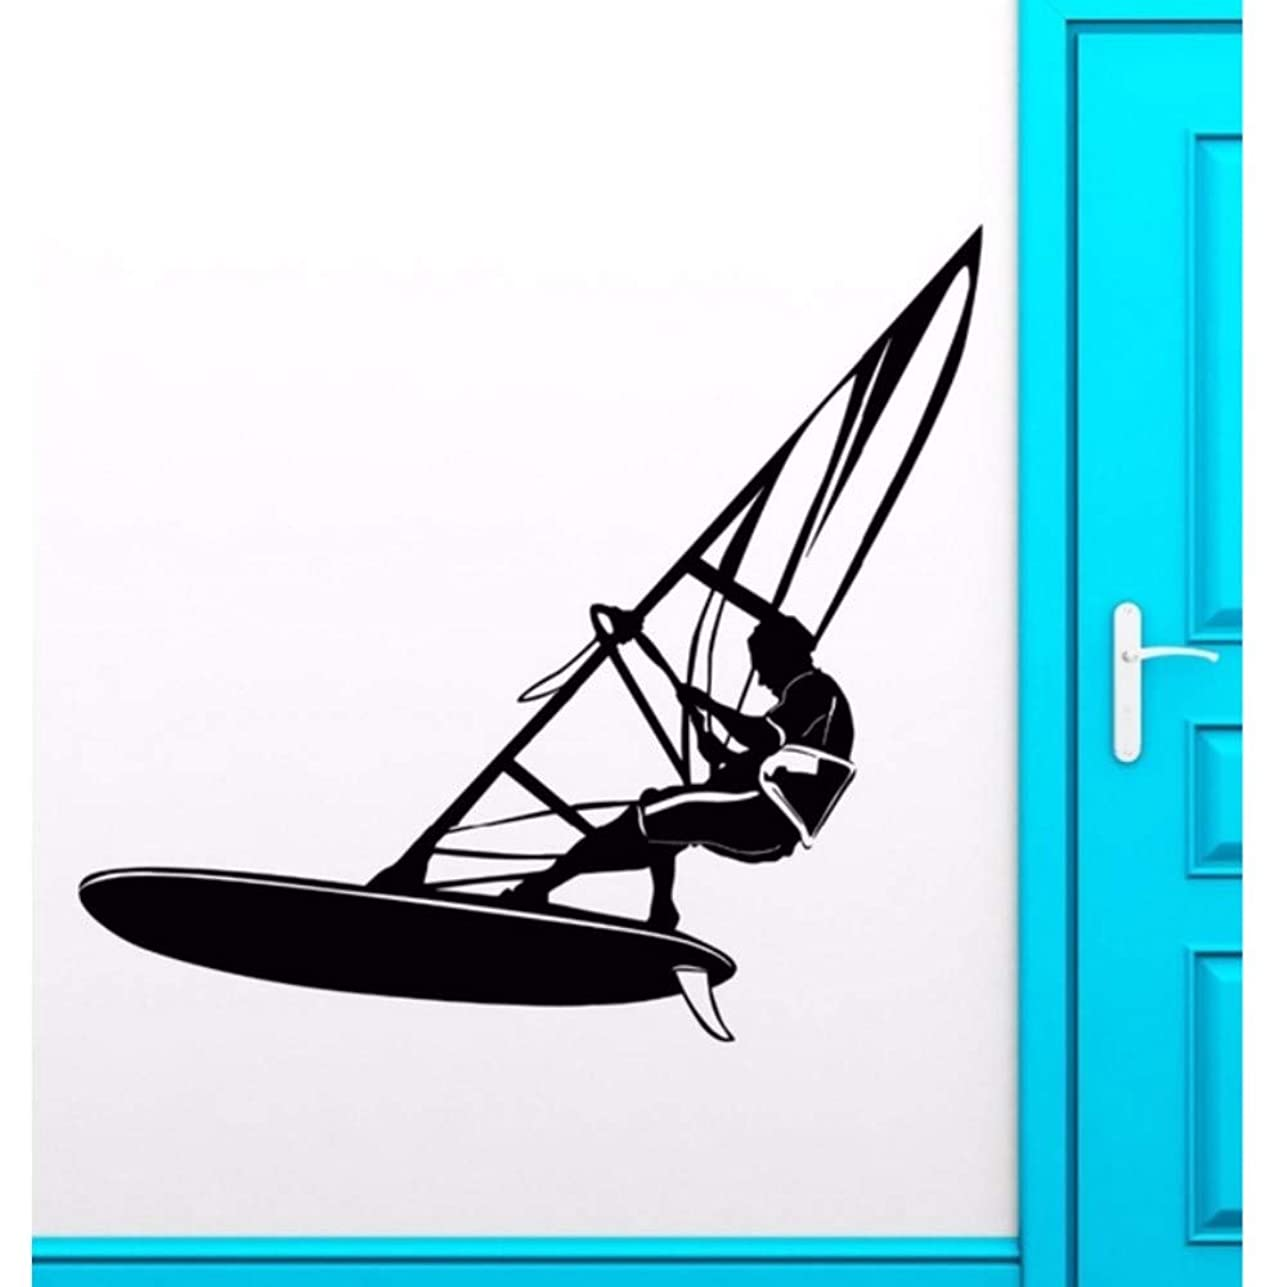 検証天国気づかないWxmca ウォールステッカービニールデカールウィンドサーフィンエクストリームスポーツウォータークールデコレーション50×57センチ